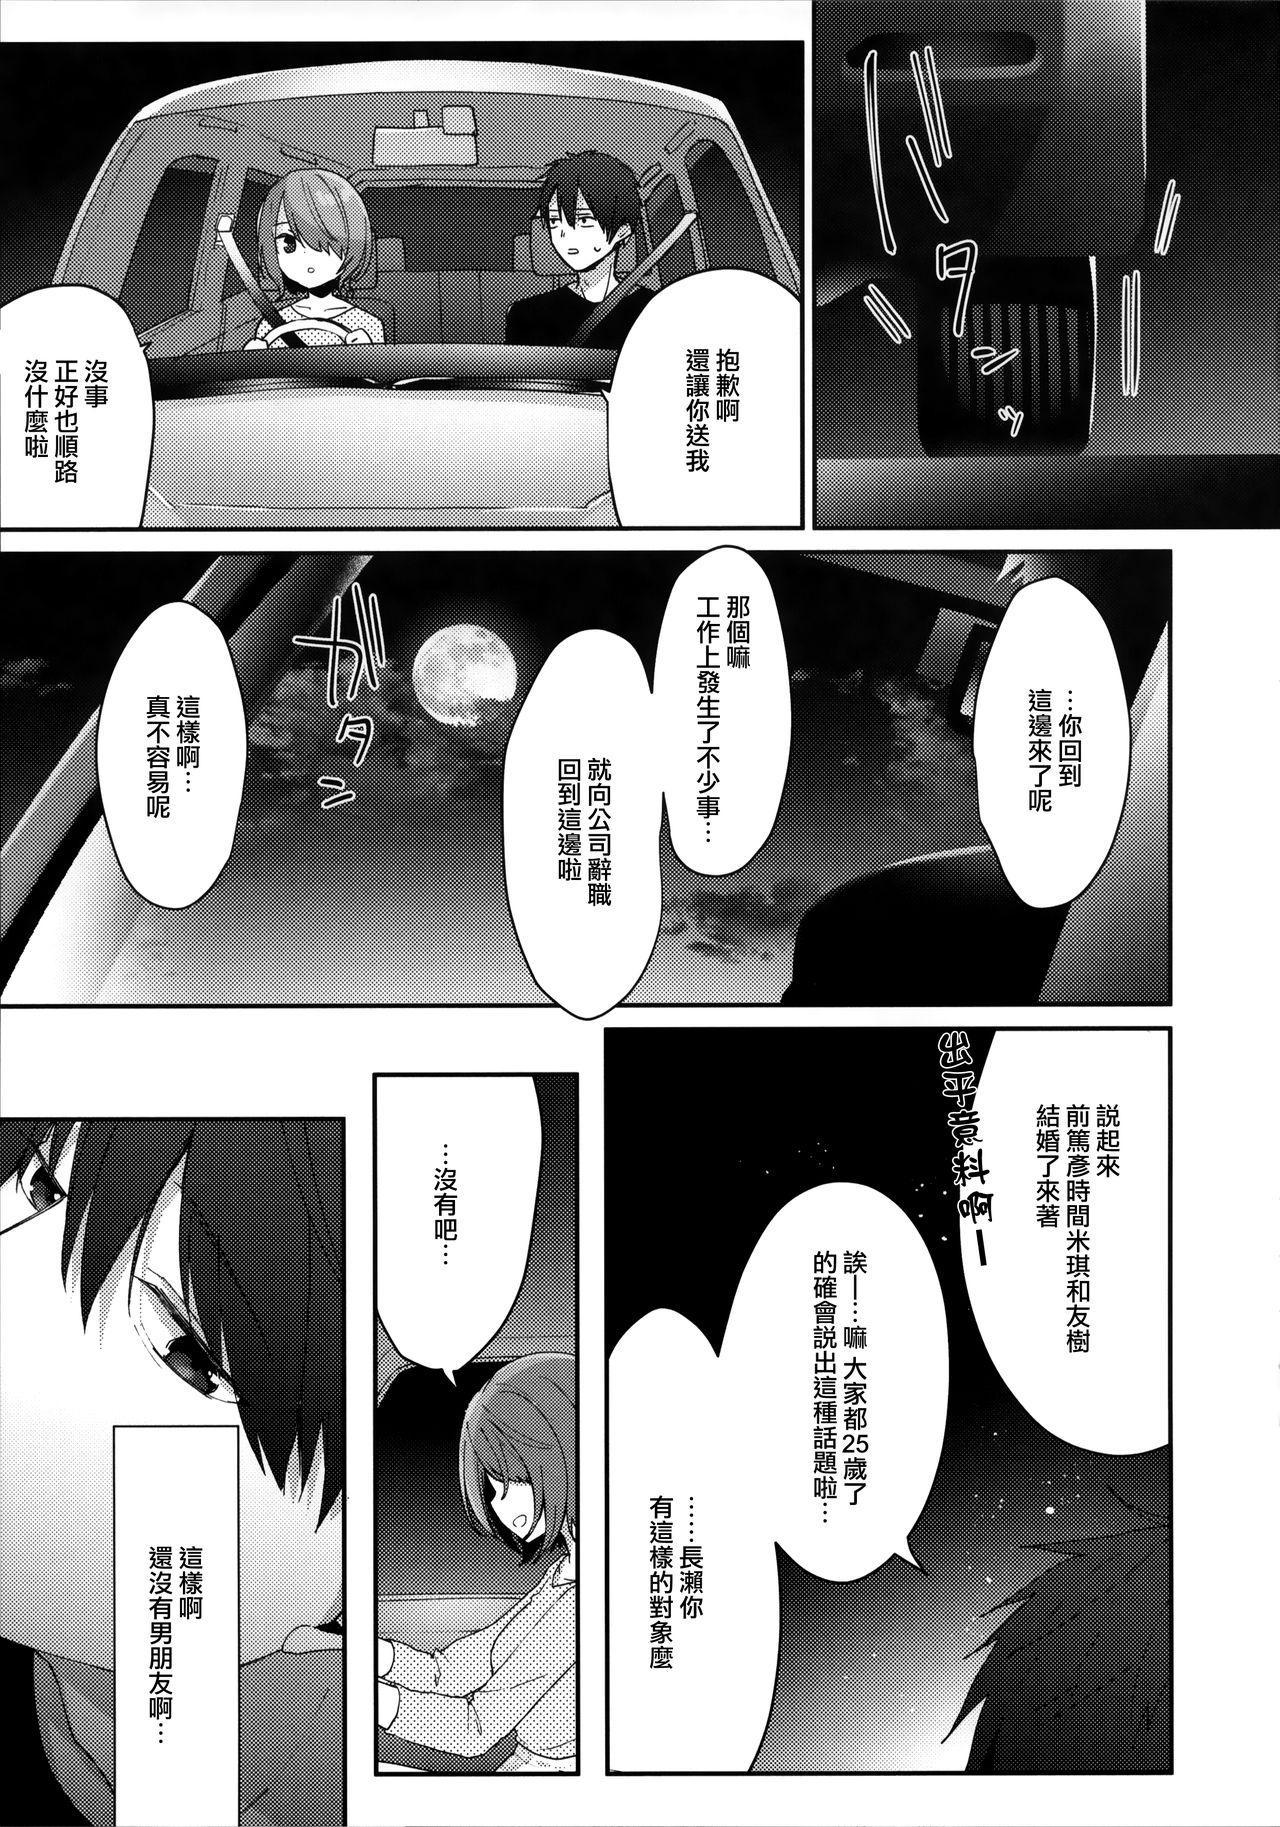 Otonshikatta Motokano ga Ecchi ni Sekkyokuteki sugiru. 6